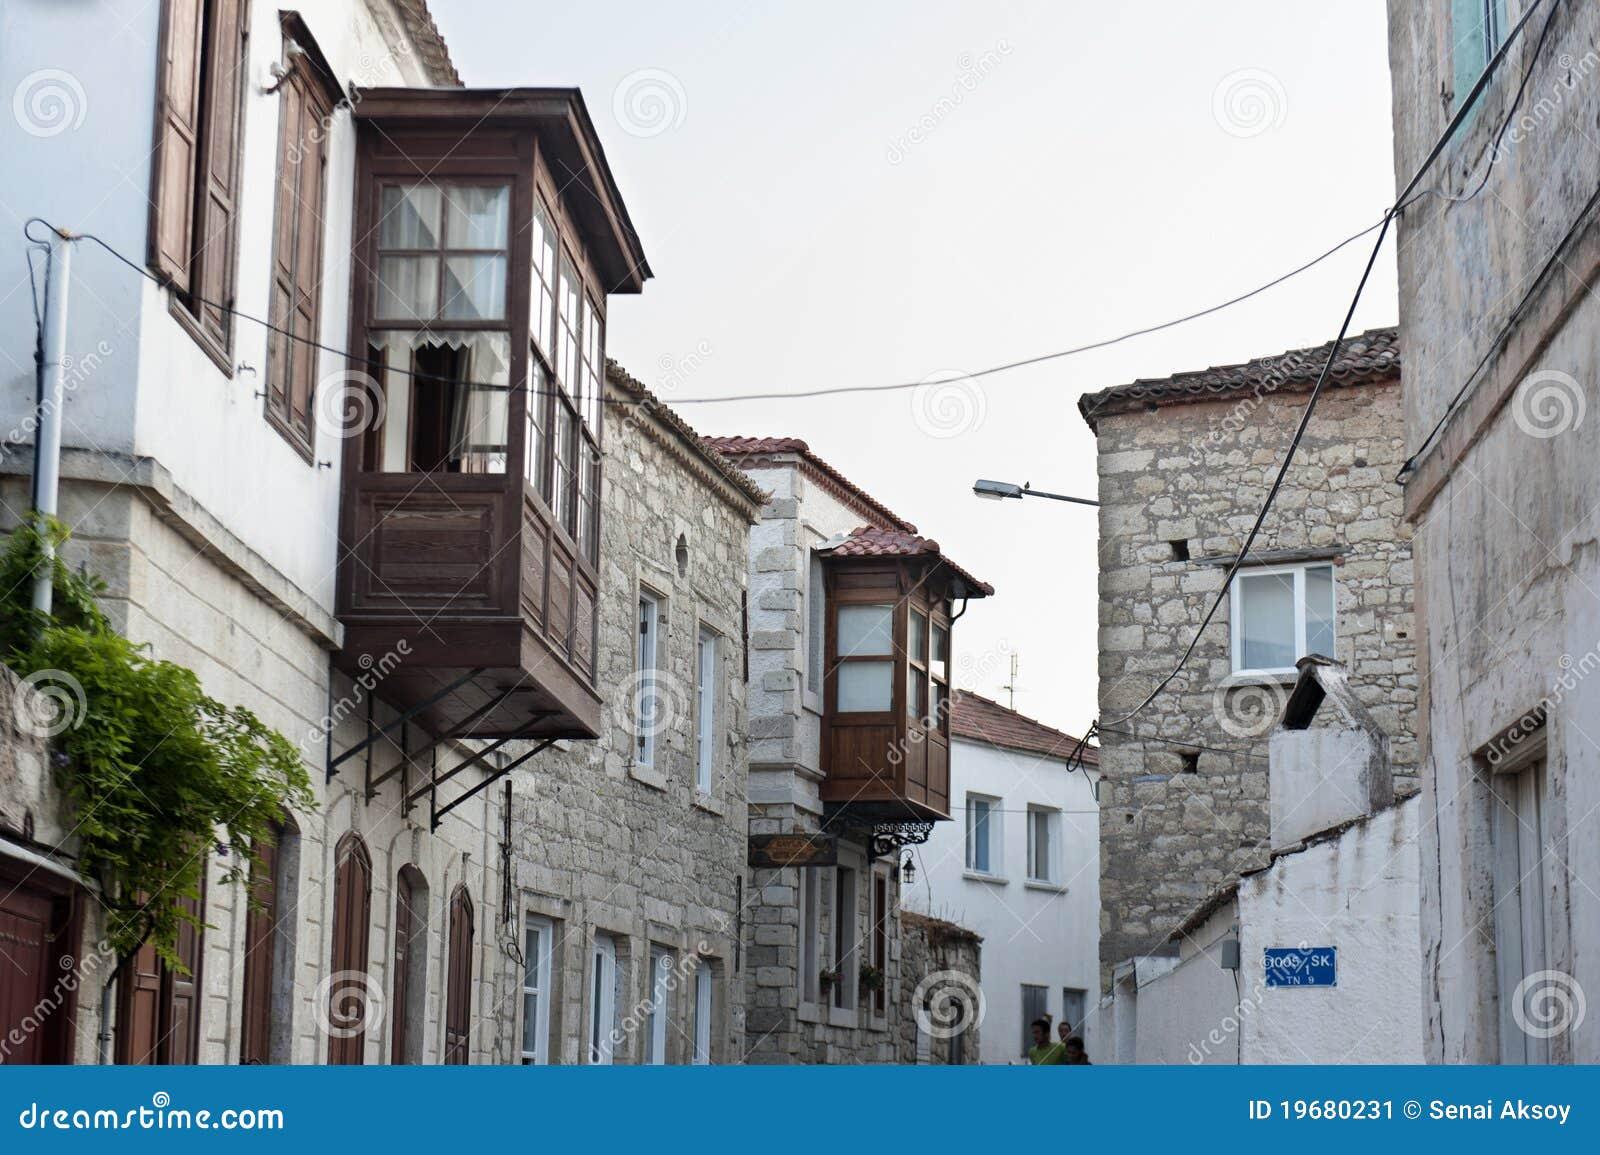 Oud straat en huis in alacati izmir turkije stock afbeelding afbeelding 19680231 - Oud huis ...